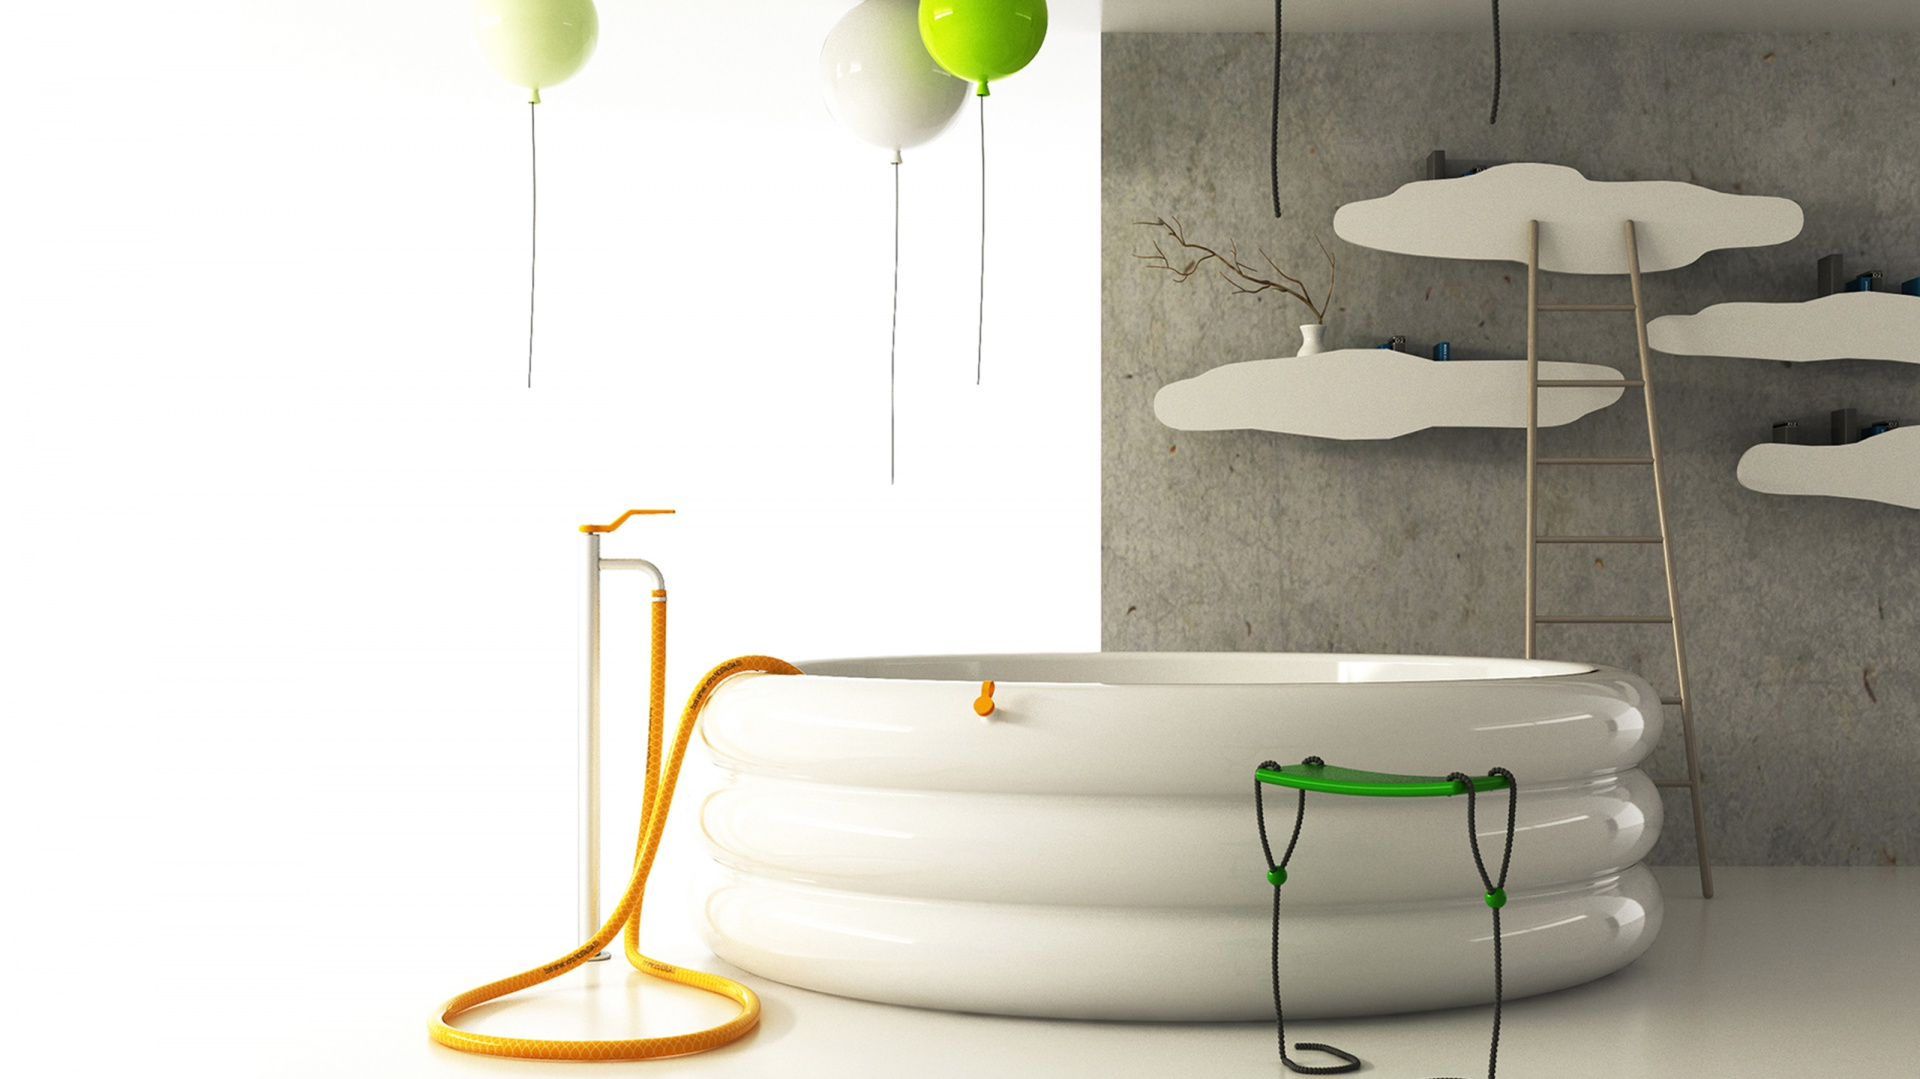 Kolekcja Everyday Poetry - odrobinę poezji w codziennym życiu zapewniają lampy sufitowe w kształcie balonów, wyglądająca na dmuchaną wannę czy półki-chmurki. Fot. Archiwum Borisa Klimka.